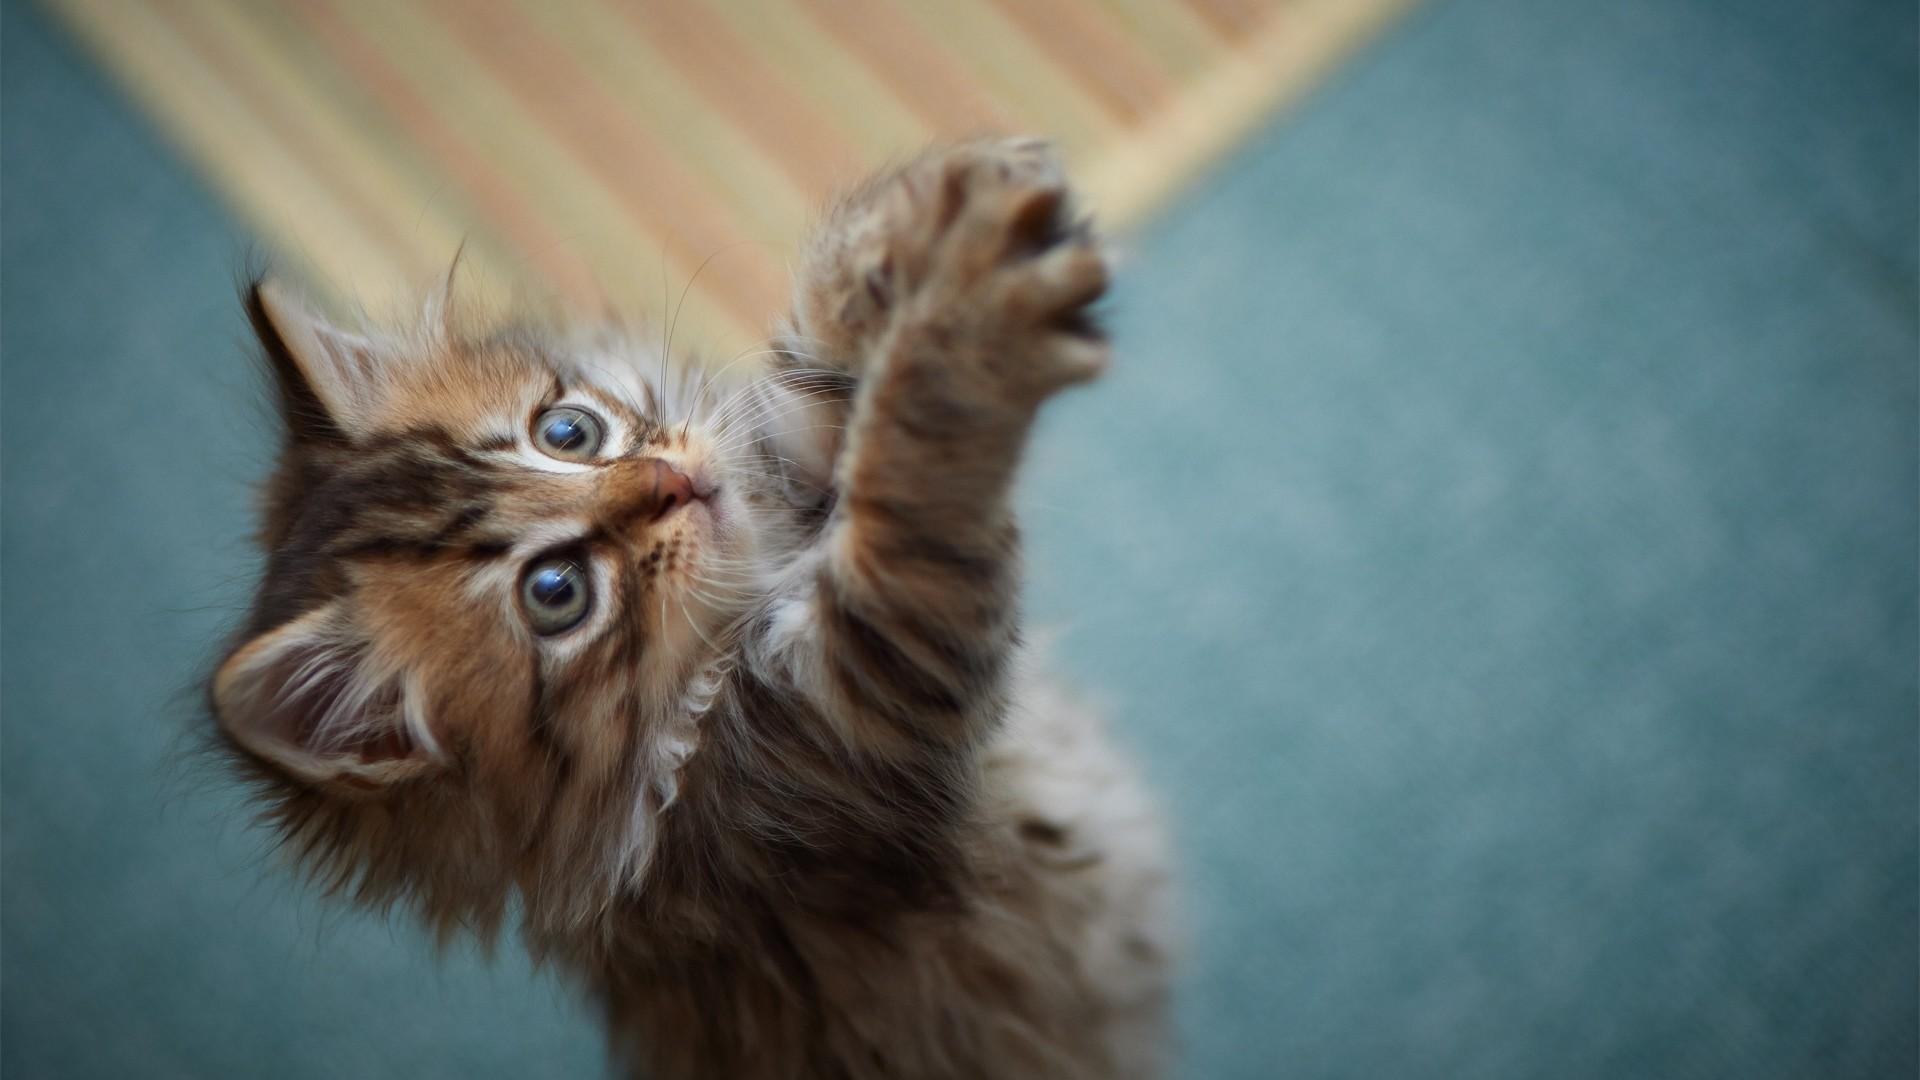 Wallpaper kitten, game, paws, fur, furry